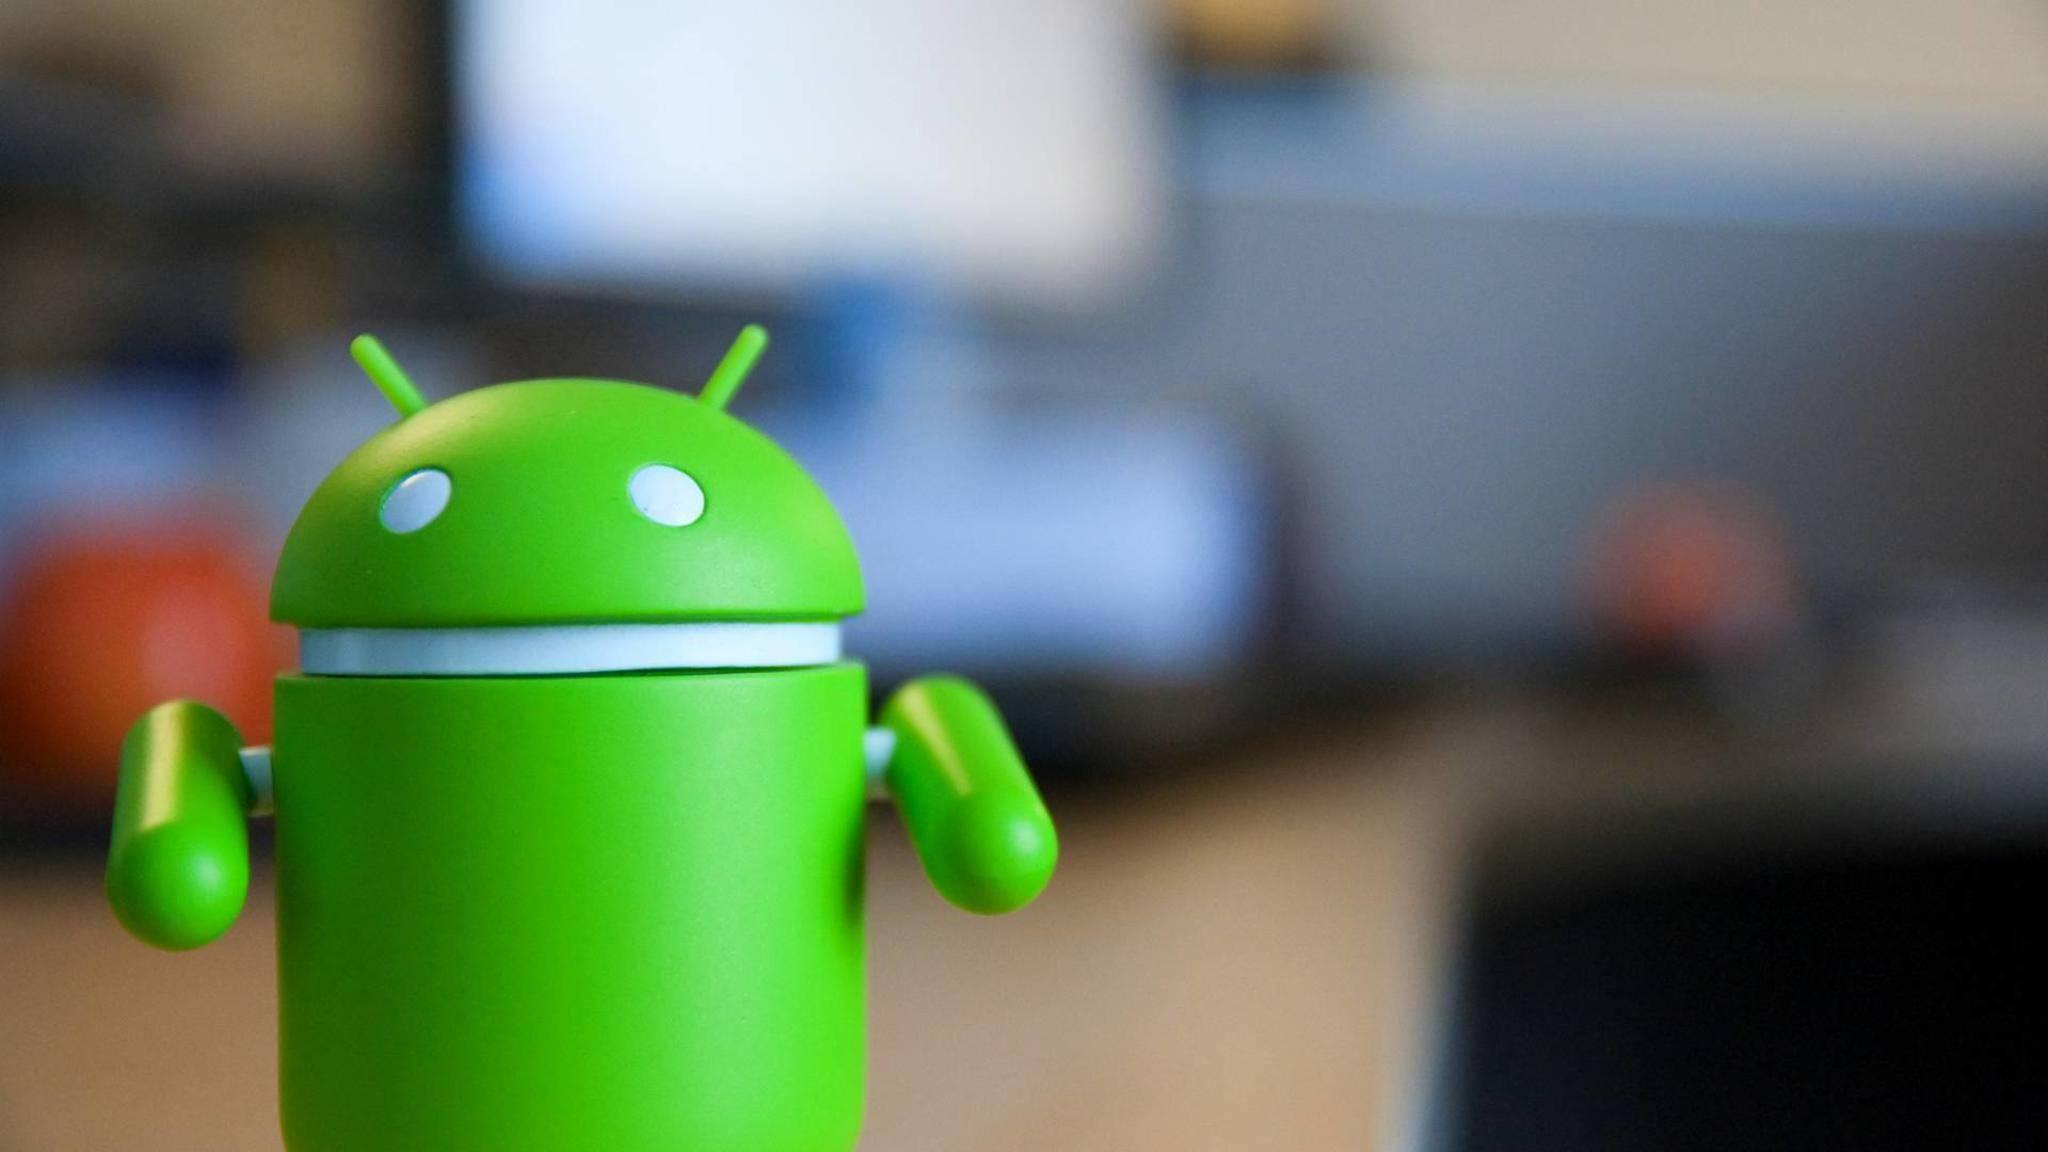 Wird Android neue Benachrichtigungsfunktionen bekommen?